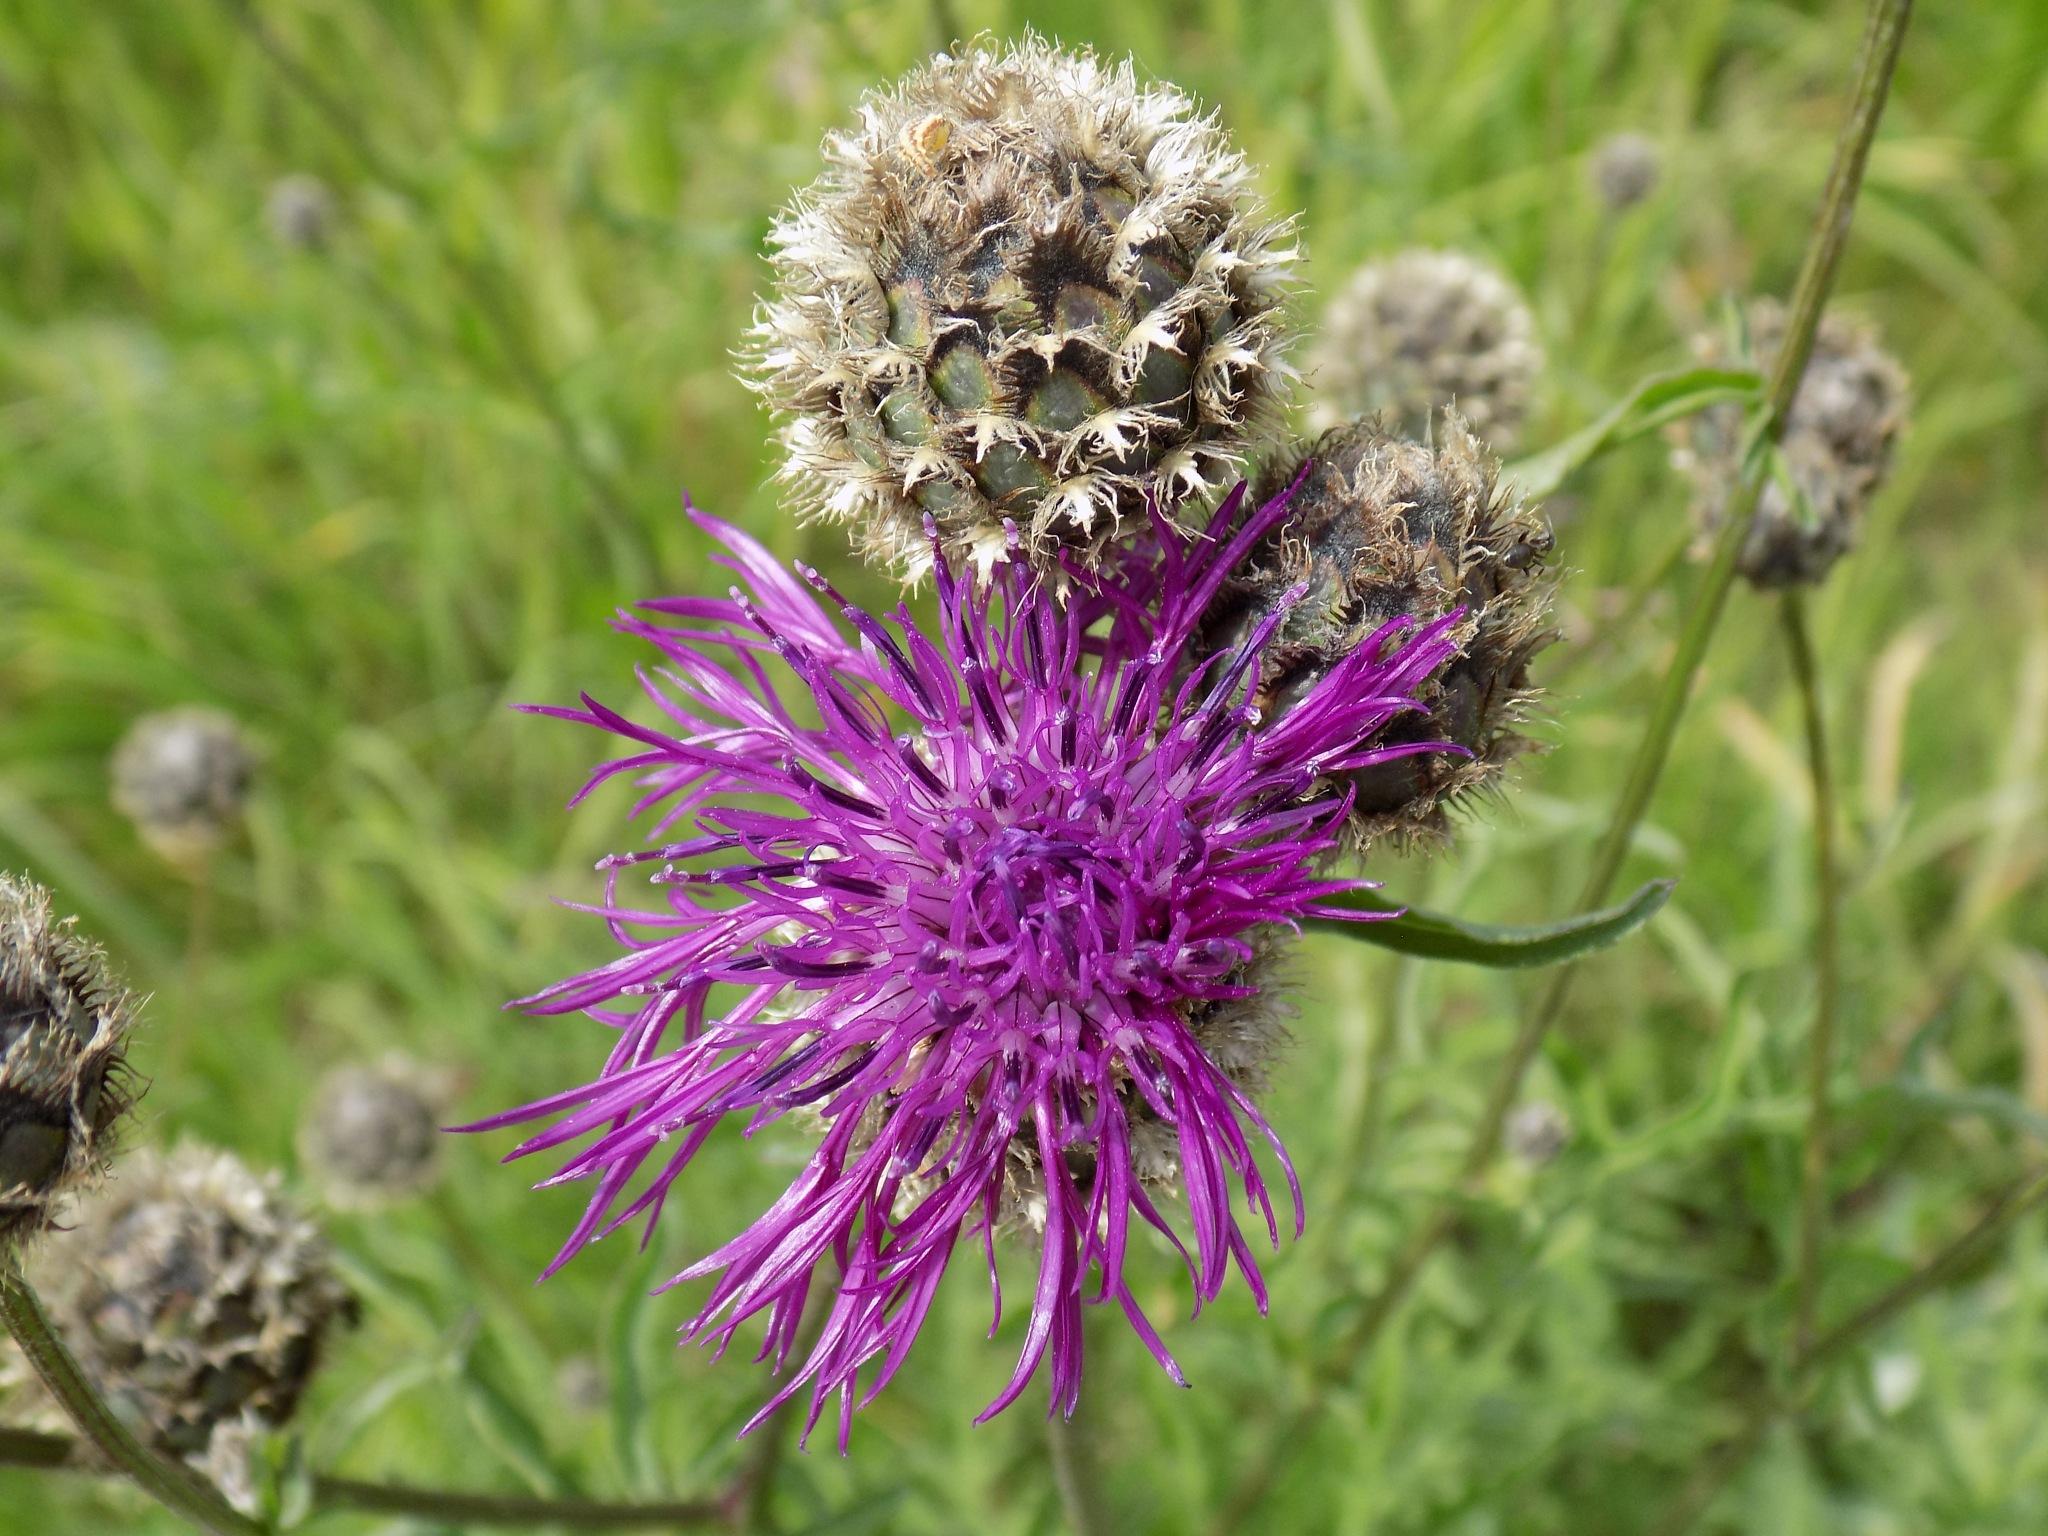 Flower with buds. by uzkuraitiene62